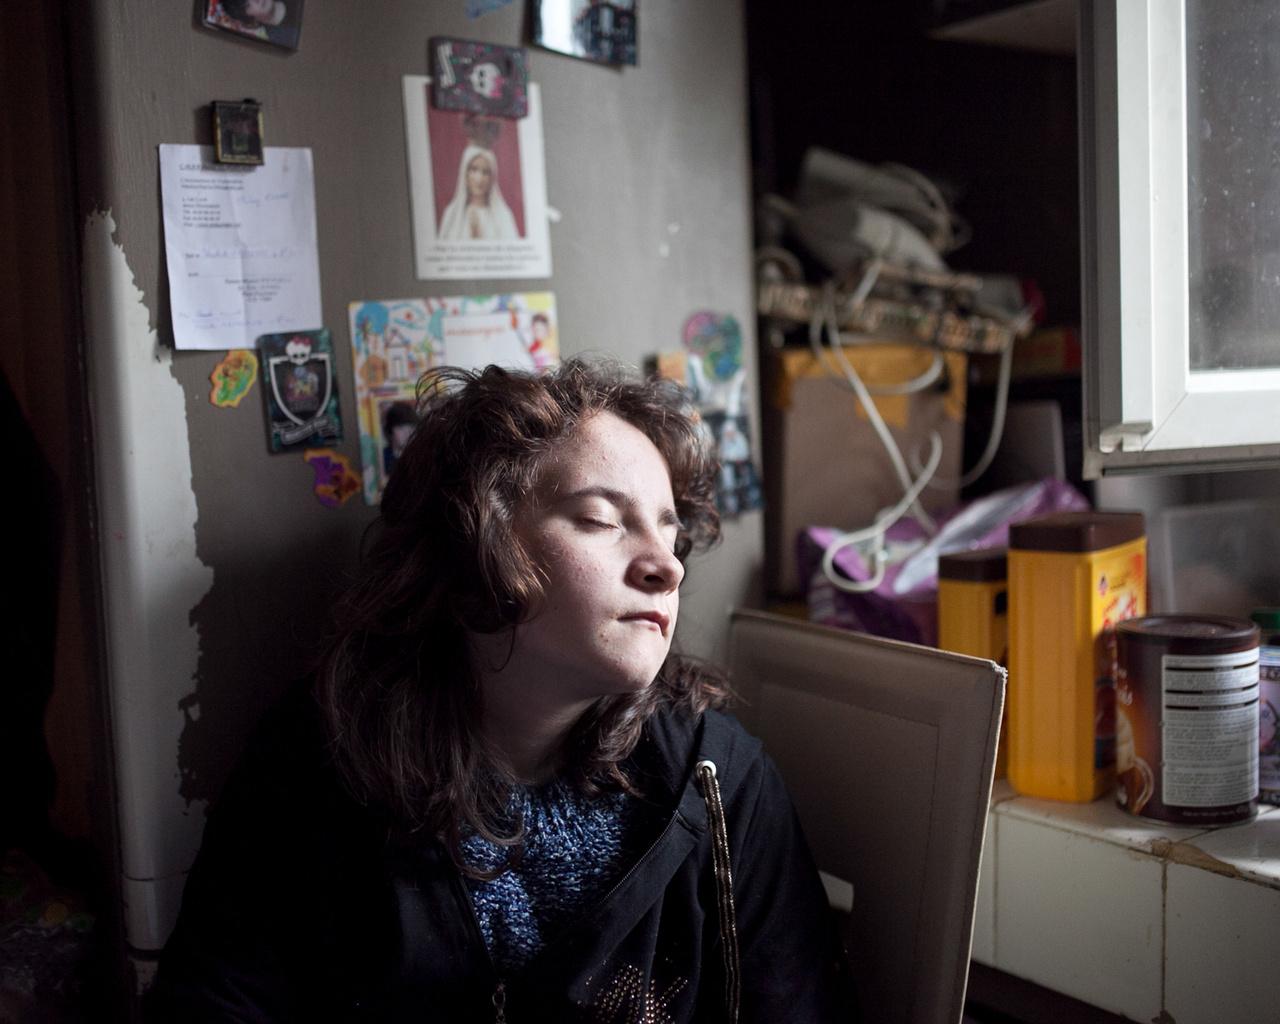 Ilona álmodozik a konyhában. A család valószínűleg katolikus, ha szemmagasságba ilyen fajsúlyos Szűz Mária került, és valószínűleg rendetlen, ha ekkora a rumli a háttérben.